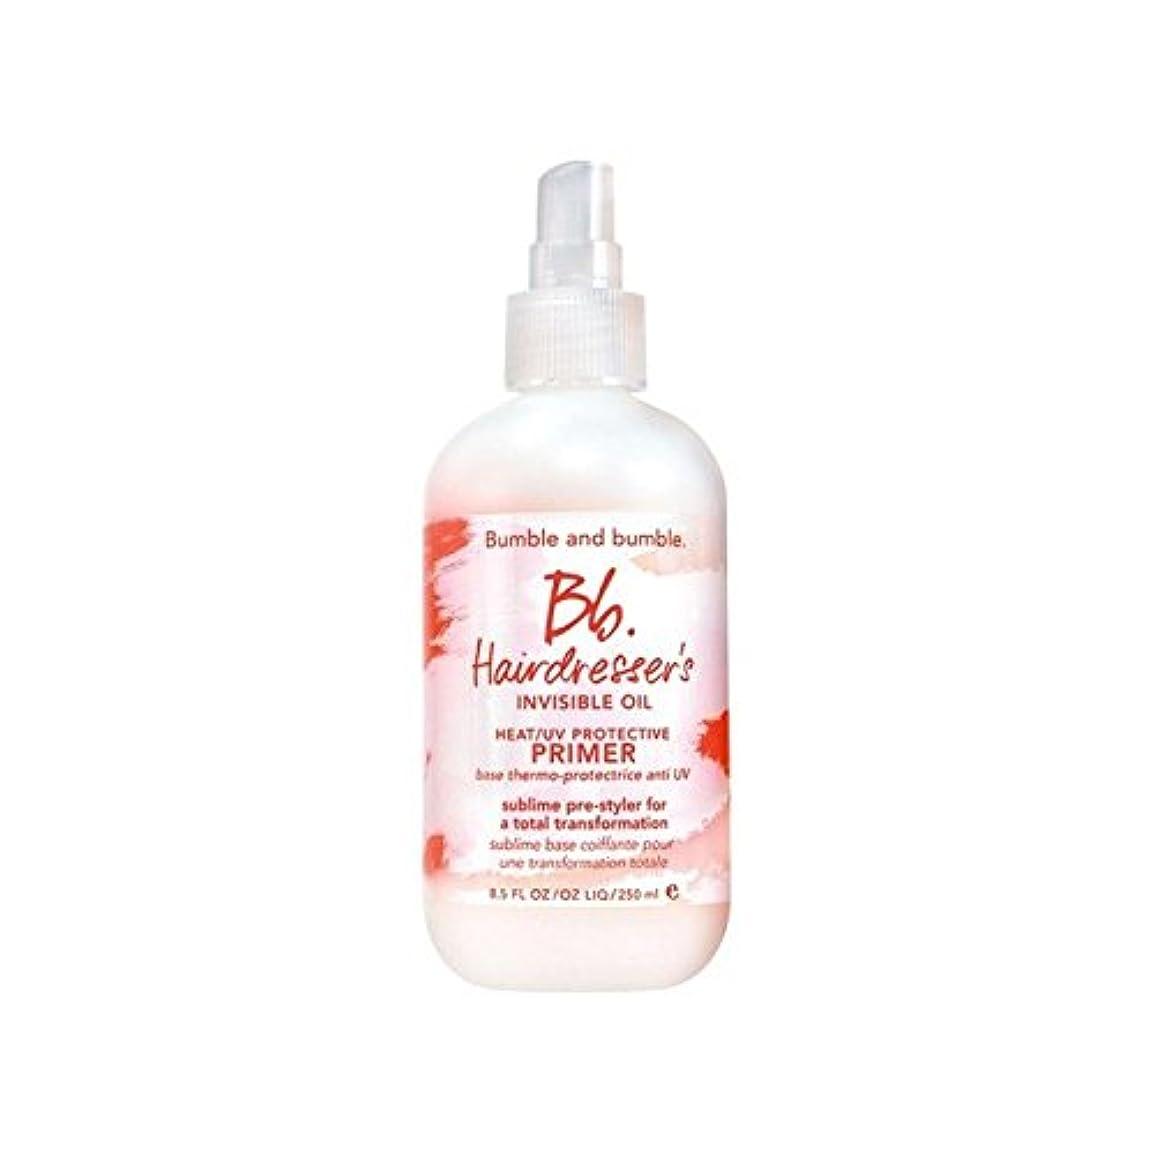 不要テロリスト脅迫Bumble & Bumble Hairdressers Invisible Oil Heat/Uv Protective Primer (250ml) - 美容見えないオイル熱/ 保護プライマー(250ミリリットル)...